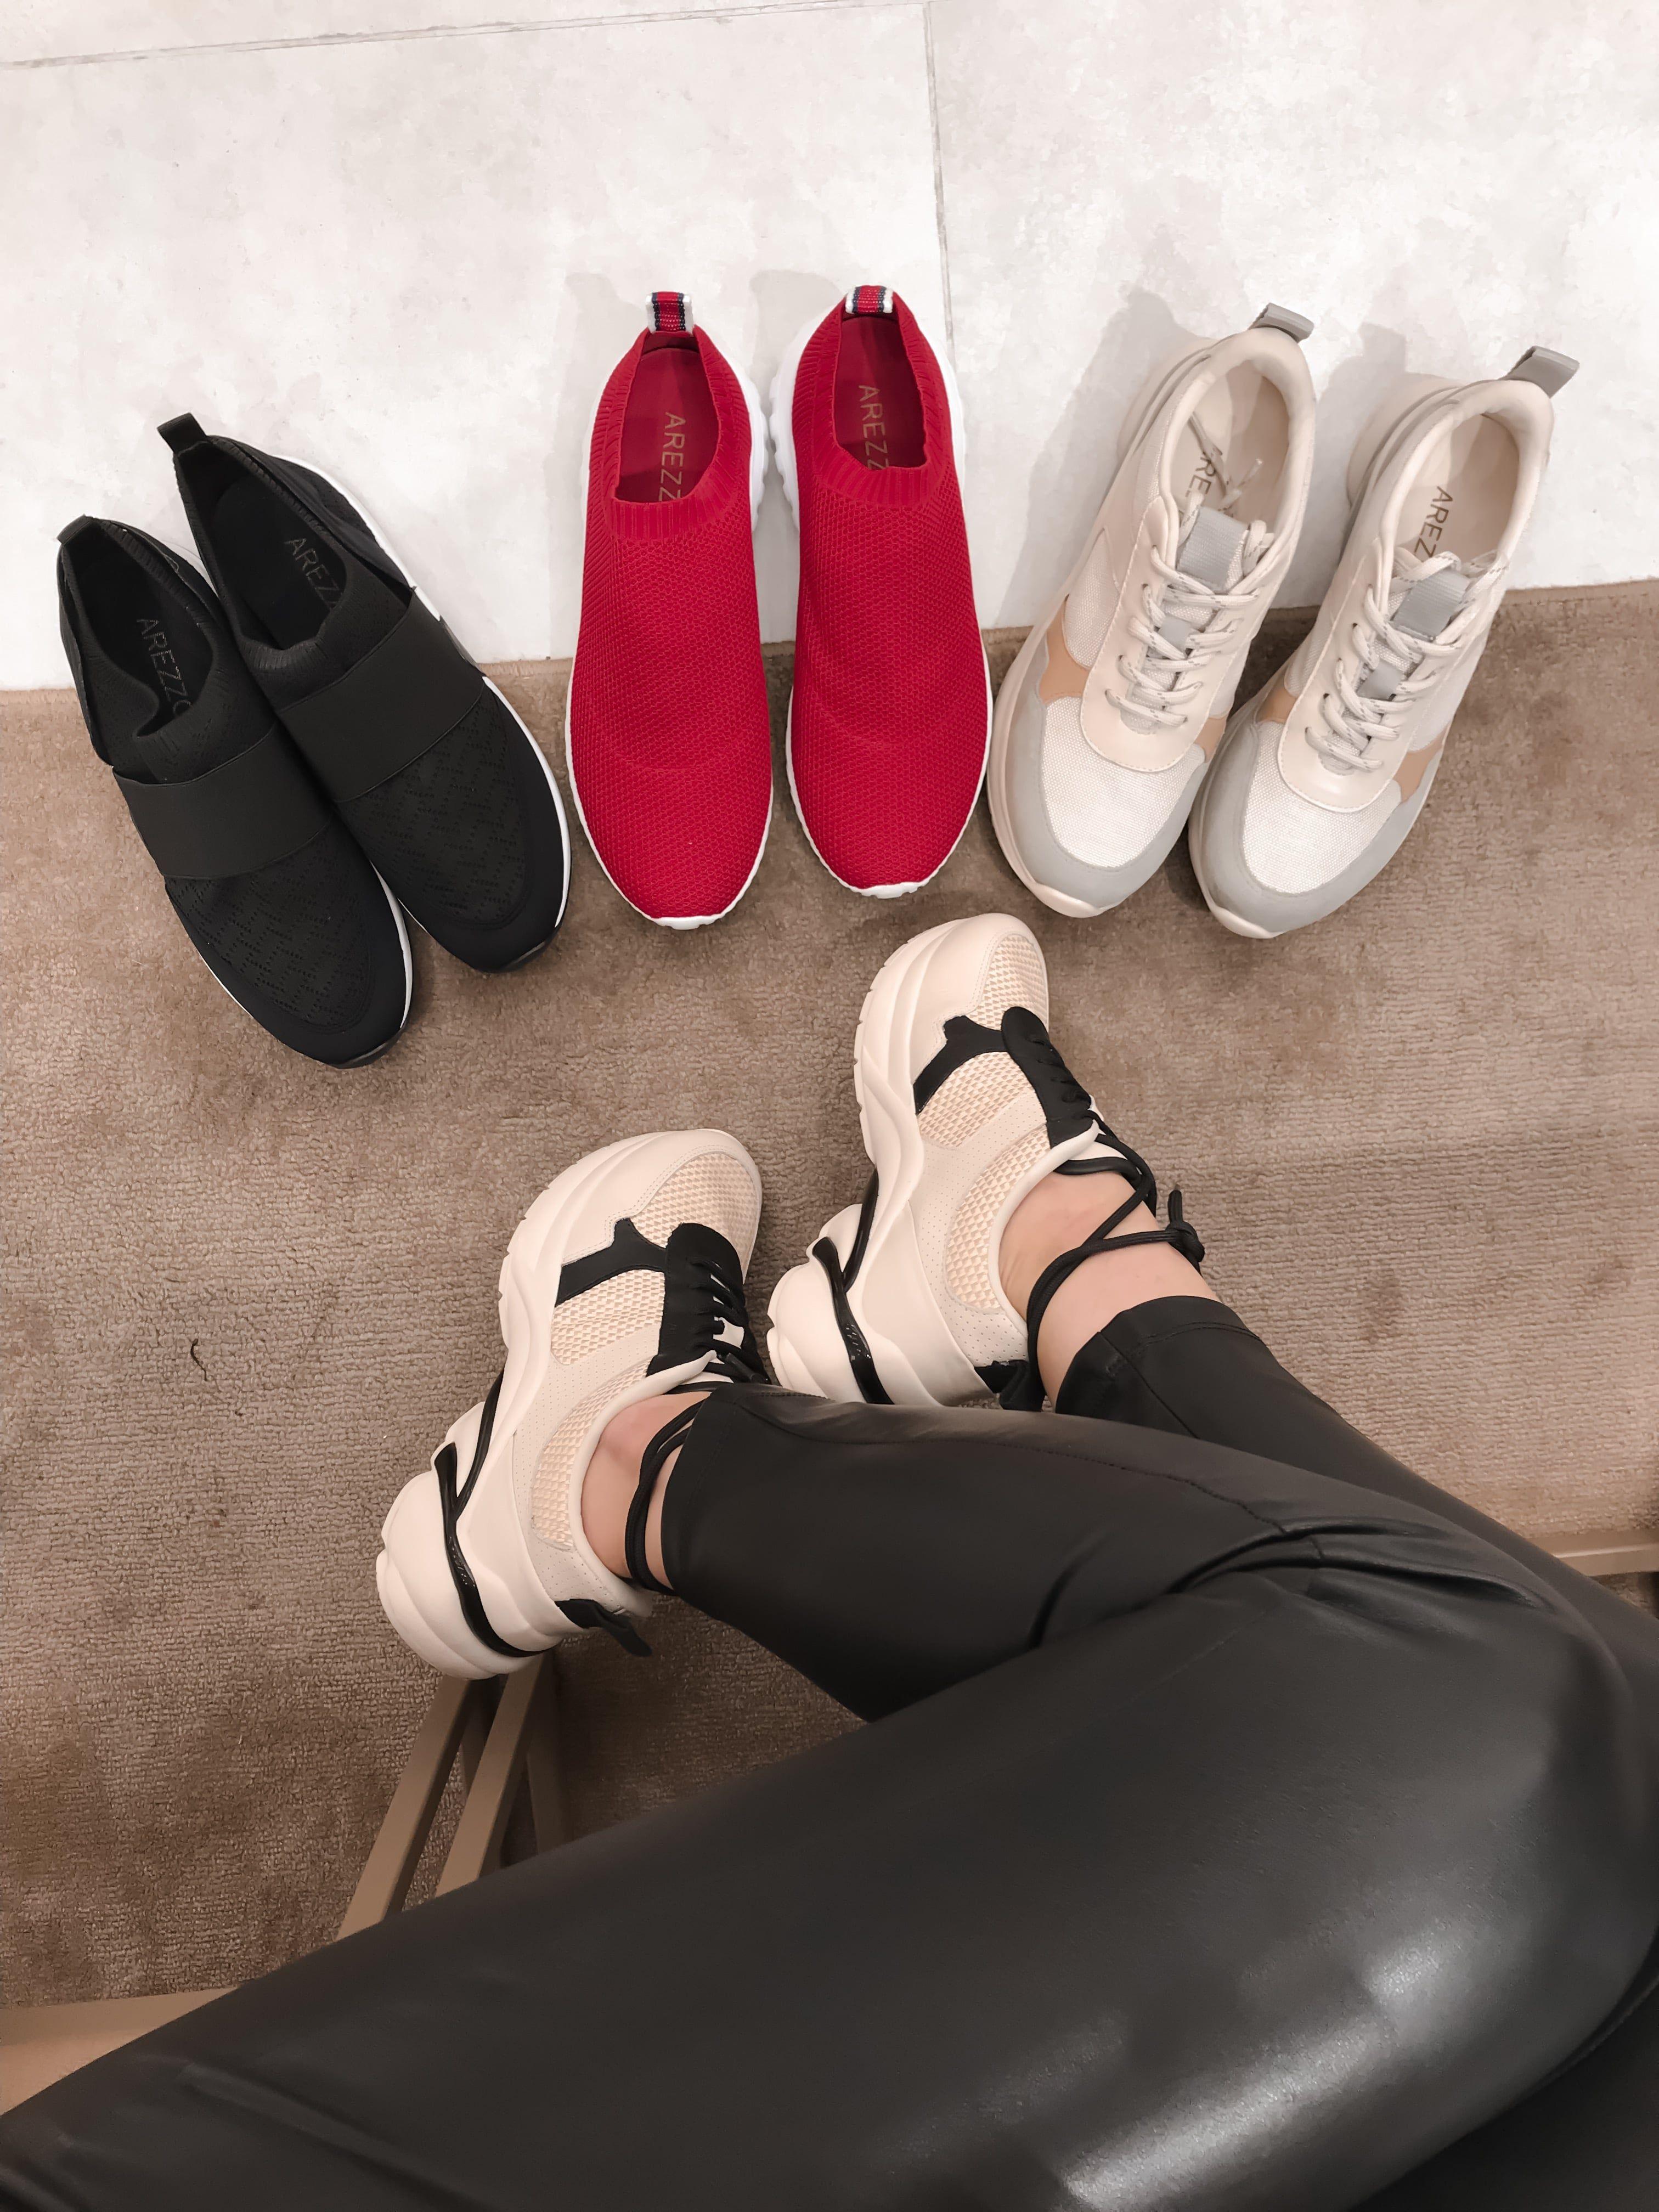 25e5b0971f Conheça a tendência de sapatos femininos para o verão 2019 com a presença  dos tênis